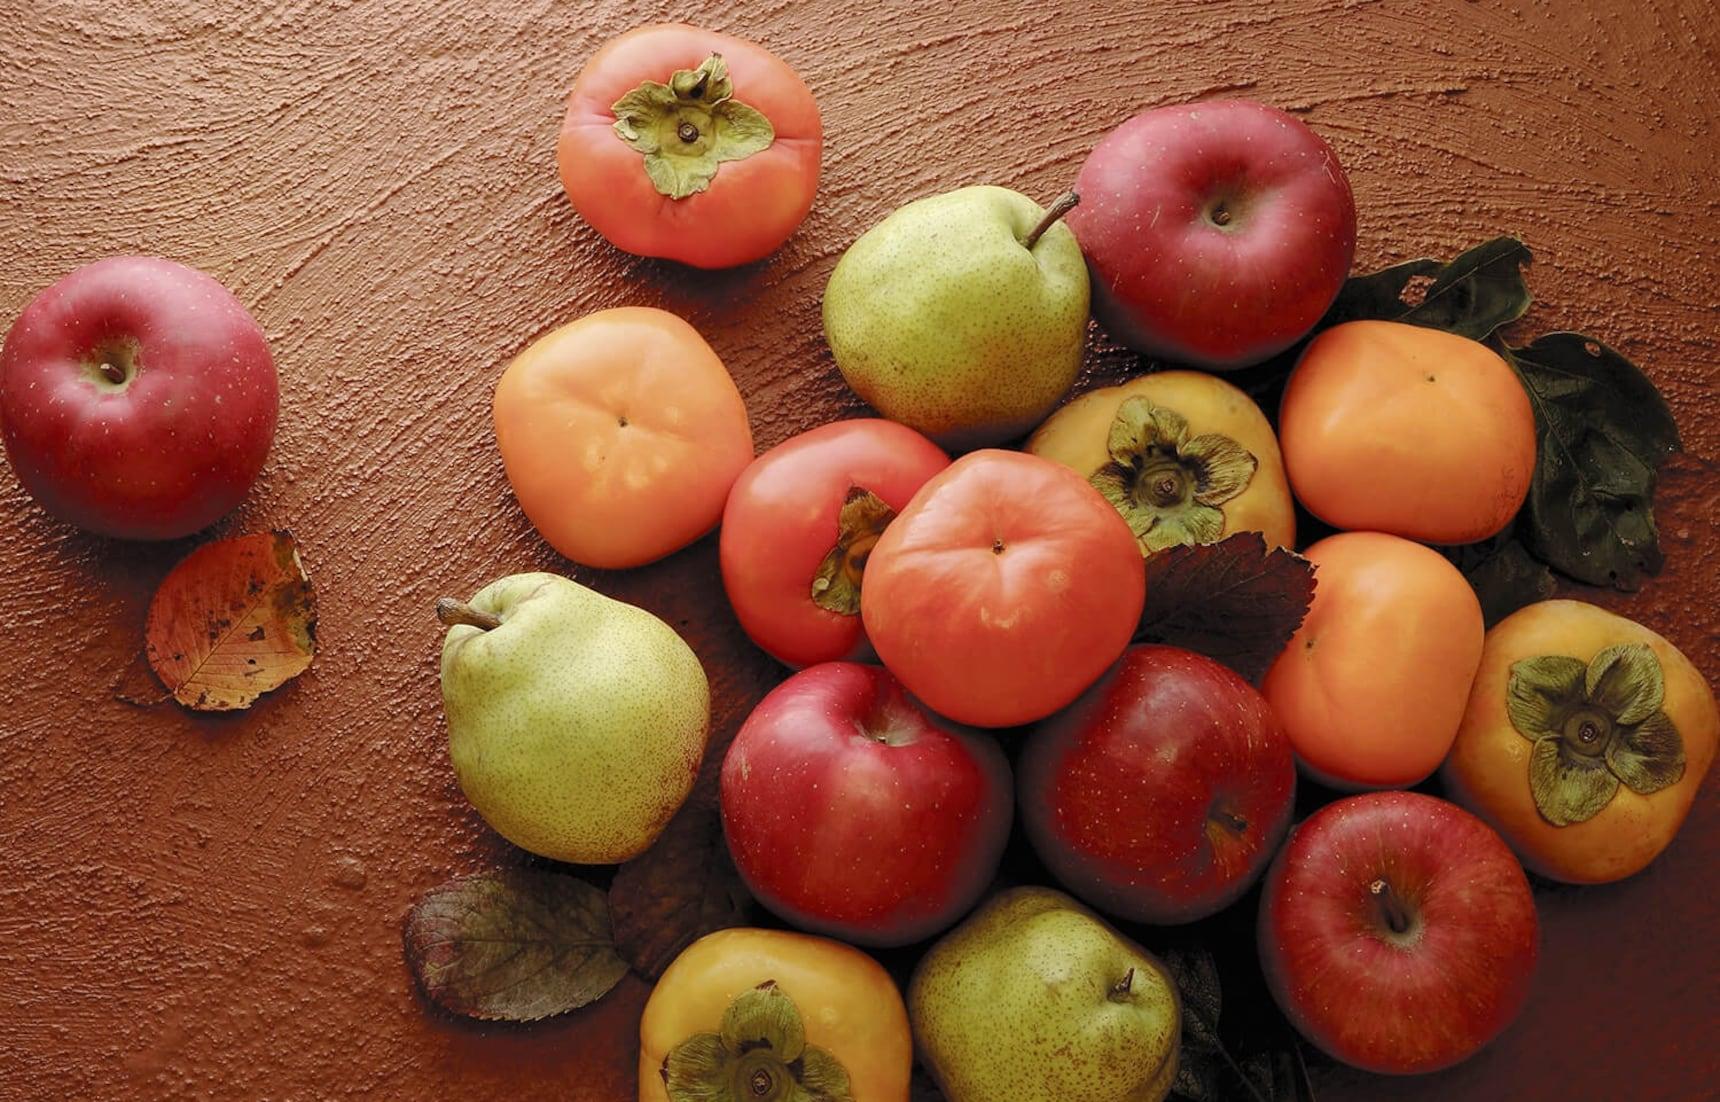 日本的水果价格贵得让人想撞墙,这是为什么呢?